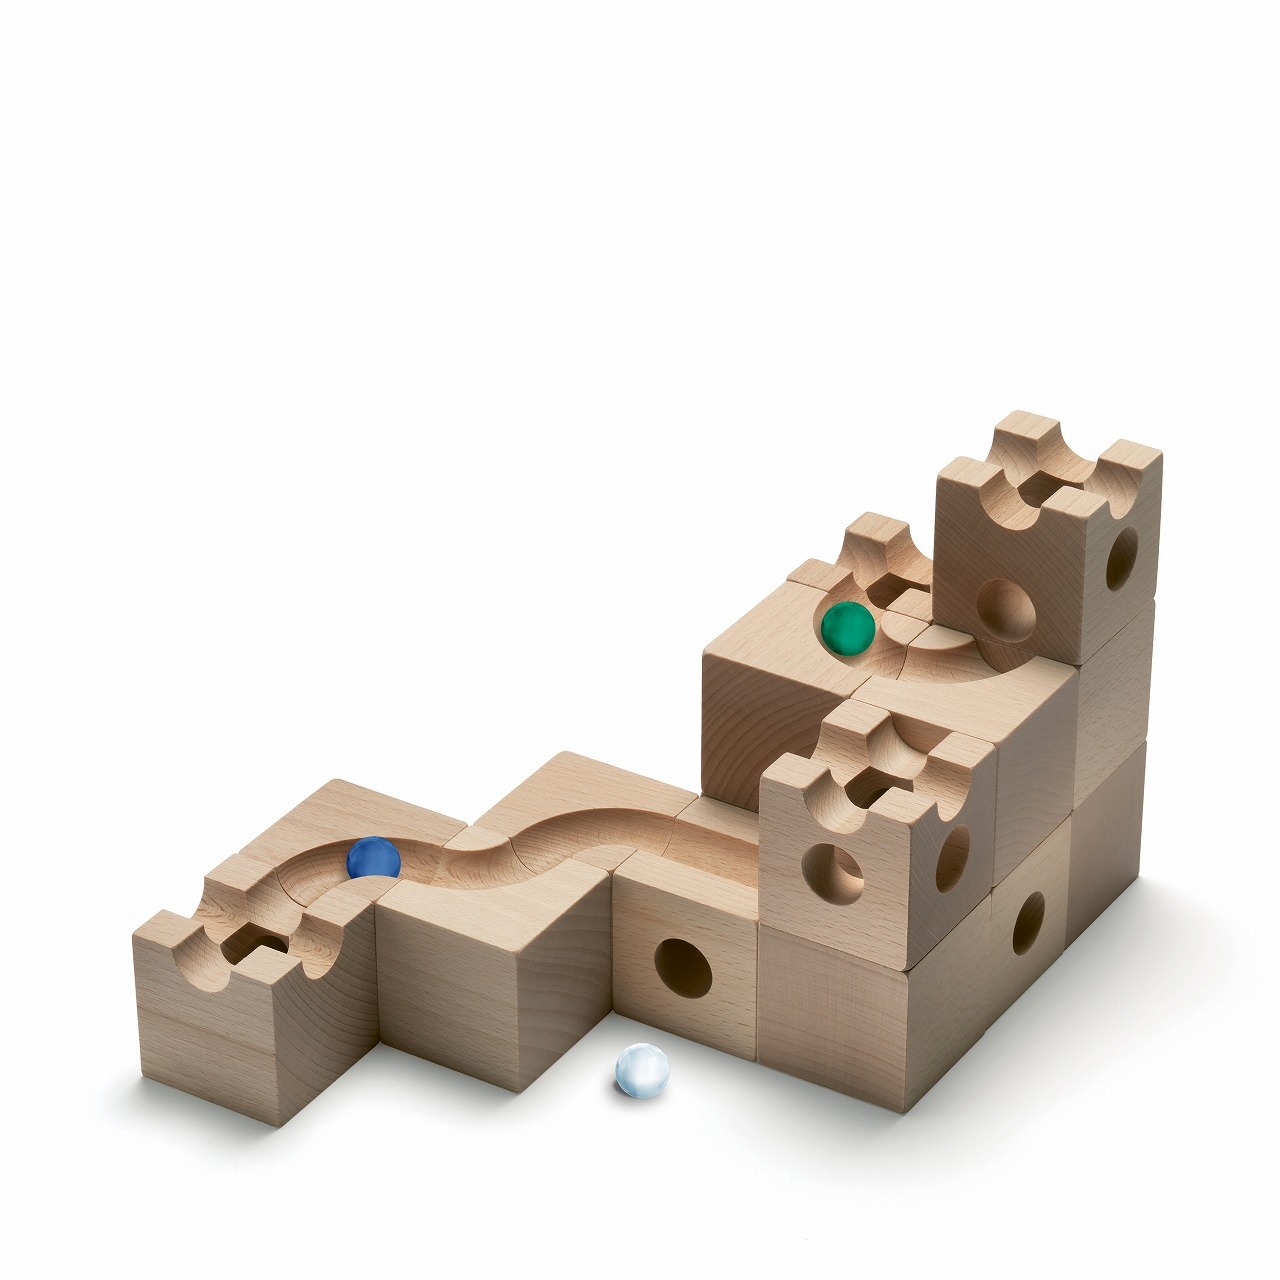 【2021年9月発売予定】キュボロ・トンネルCuboroTunnel【正規輸入品】(cuboro)玉の道積み木ピタゴラスイッチラッピング無料